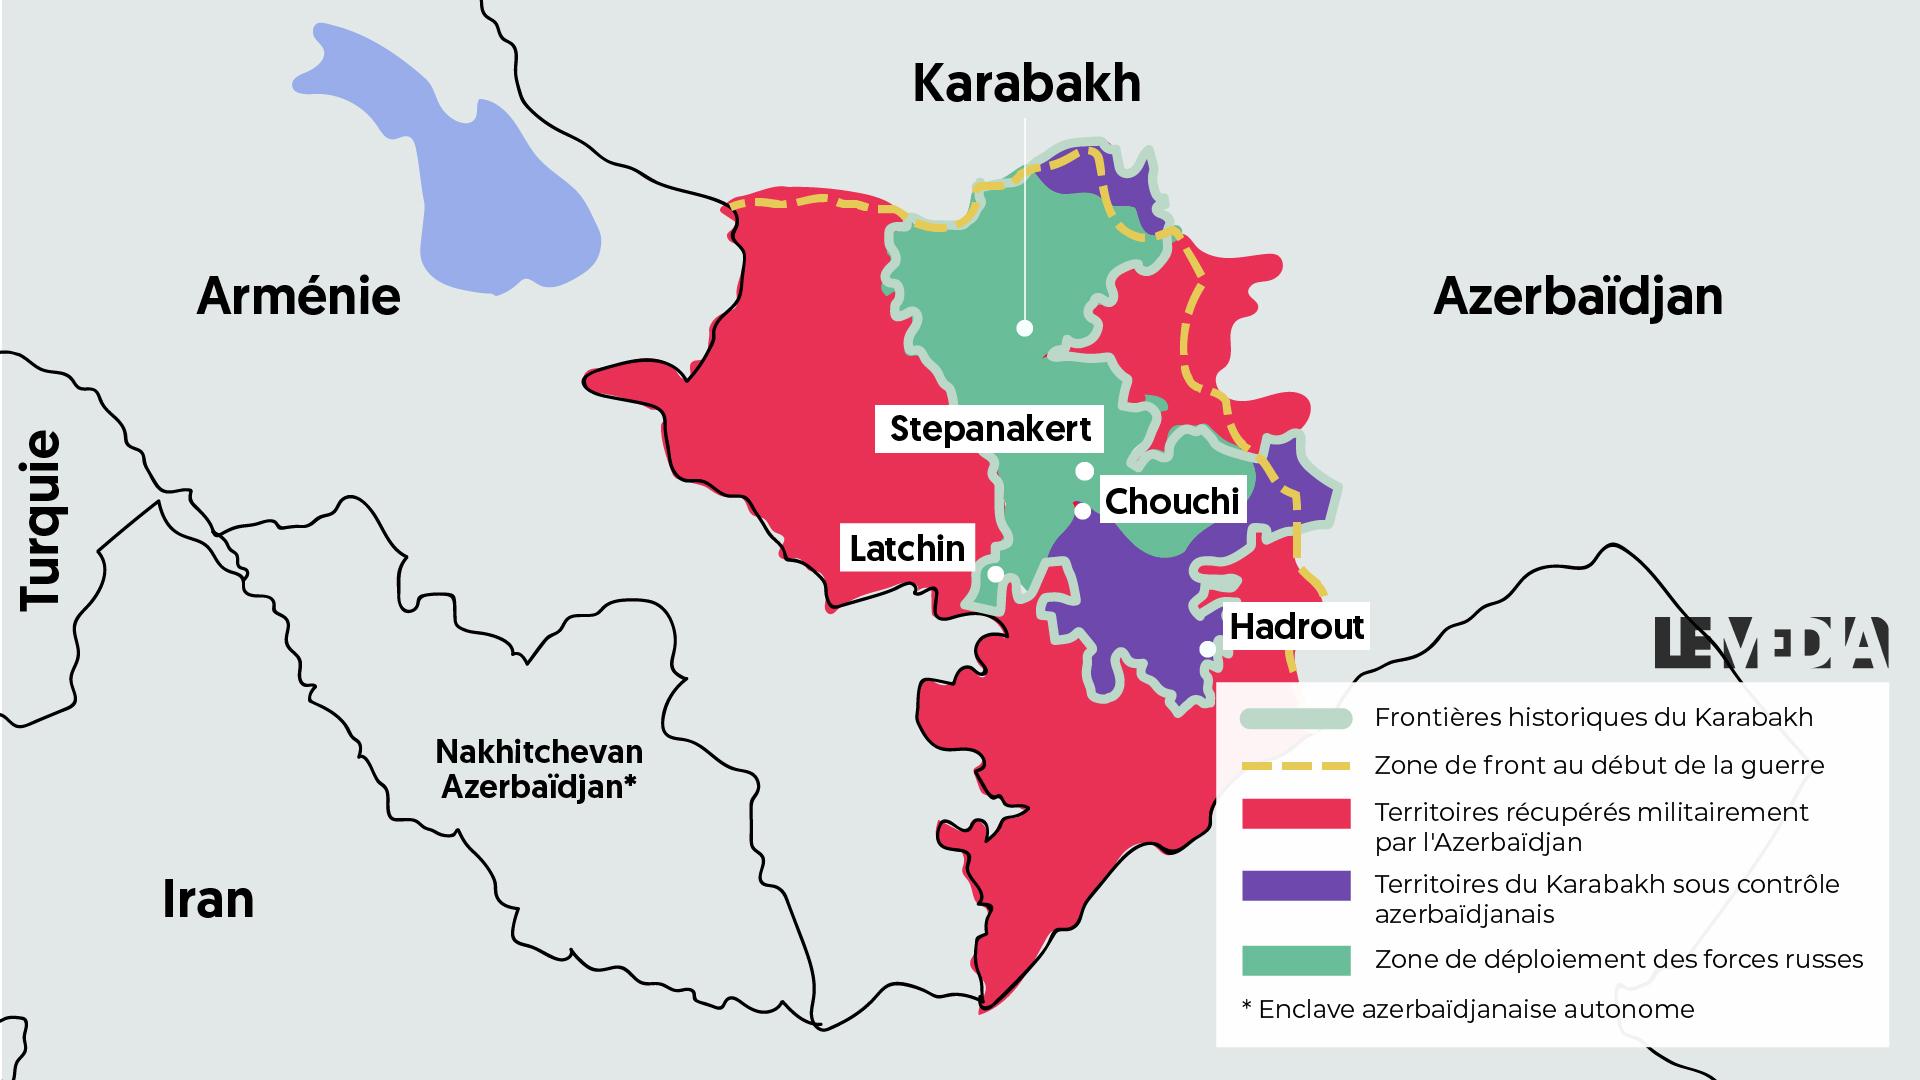 En Arménie, le désespoir des déplacés du Karabakh